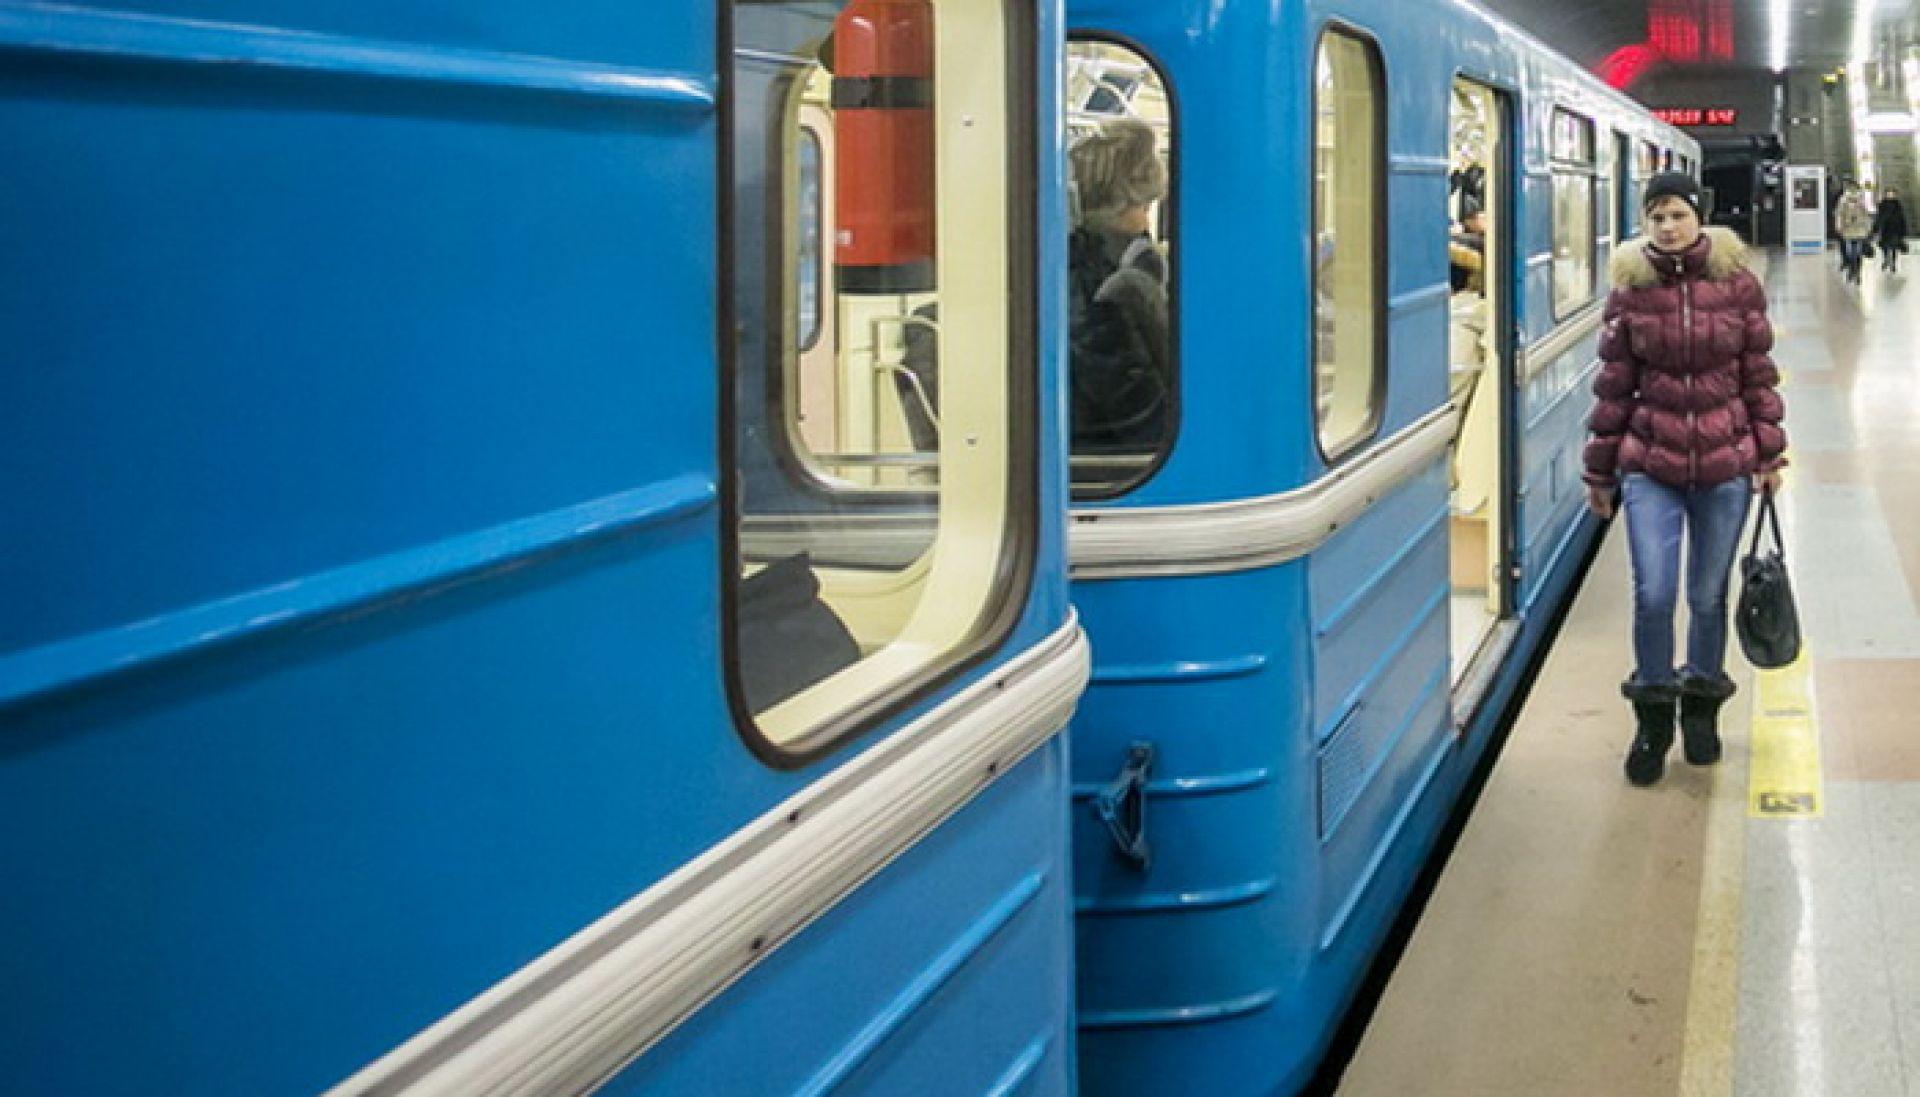 20 тысяч рублей стоила новосибирцу прогулка по тоннелям метро